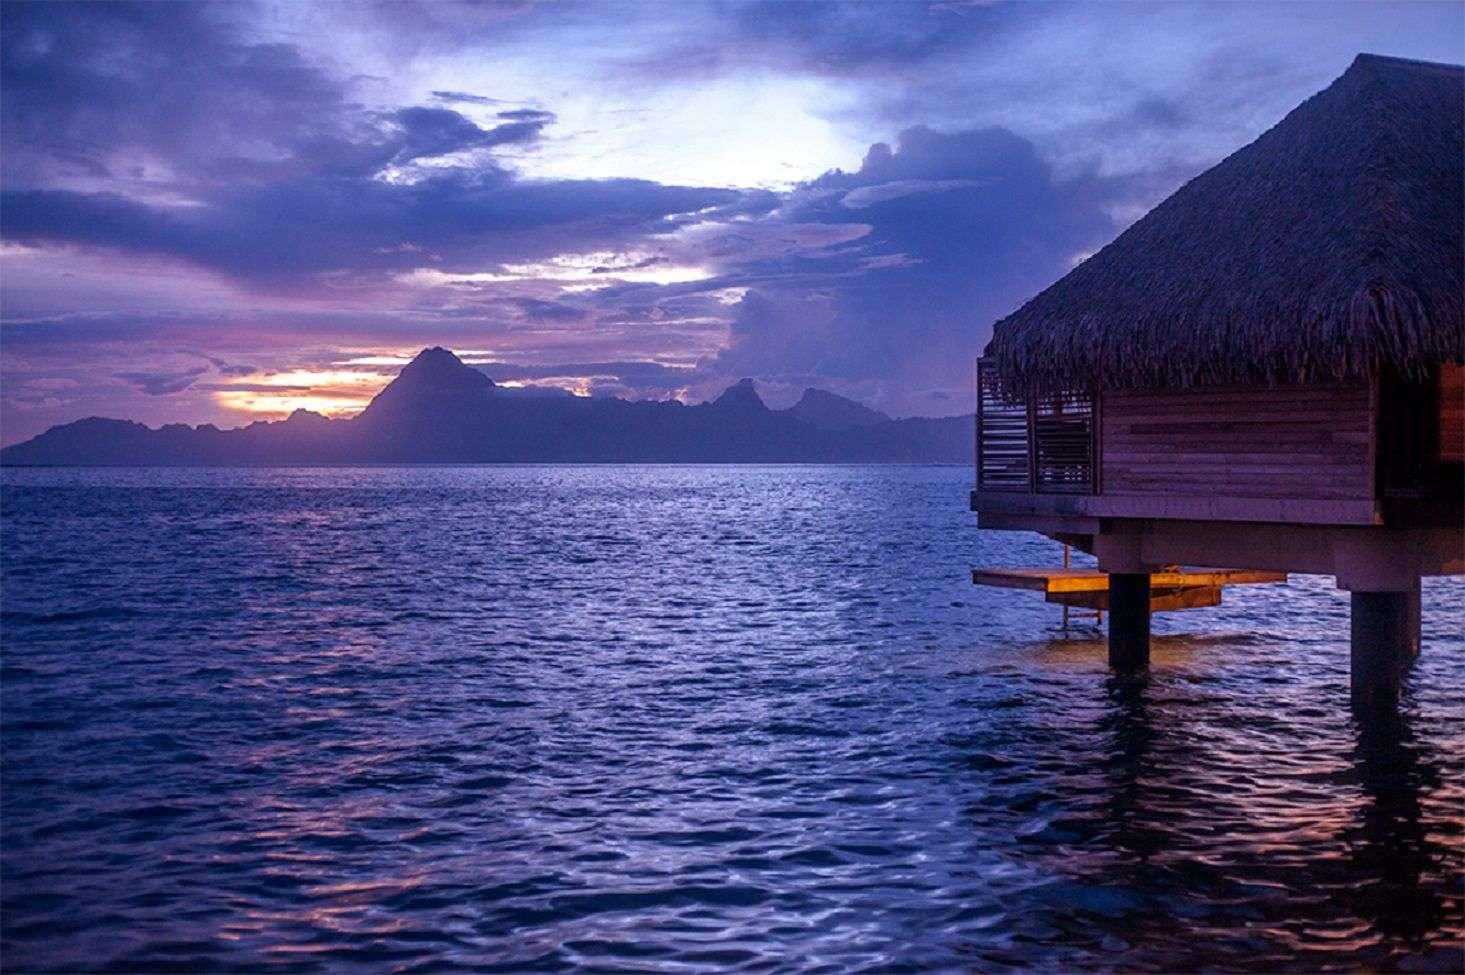 En Polynésie (ici Moorea vue de Tahiti), la hausse du niveau de l'océan aurait atteint 3,3 mm/an depuis 1950, soit plus que la hausse globale, selon une étude parue en 2015. © Daniel Chodusov, Flickr, CC by nd 2.0